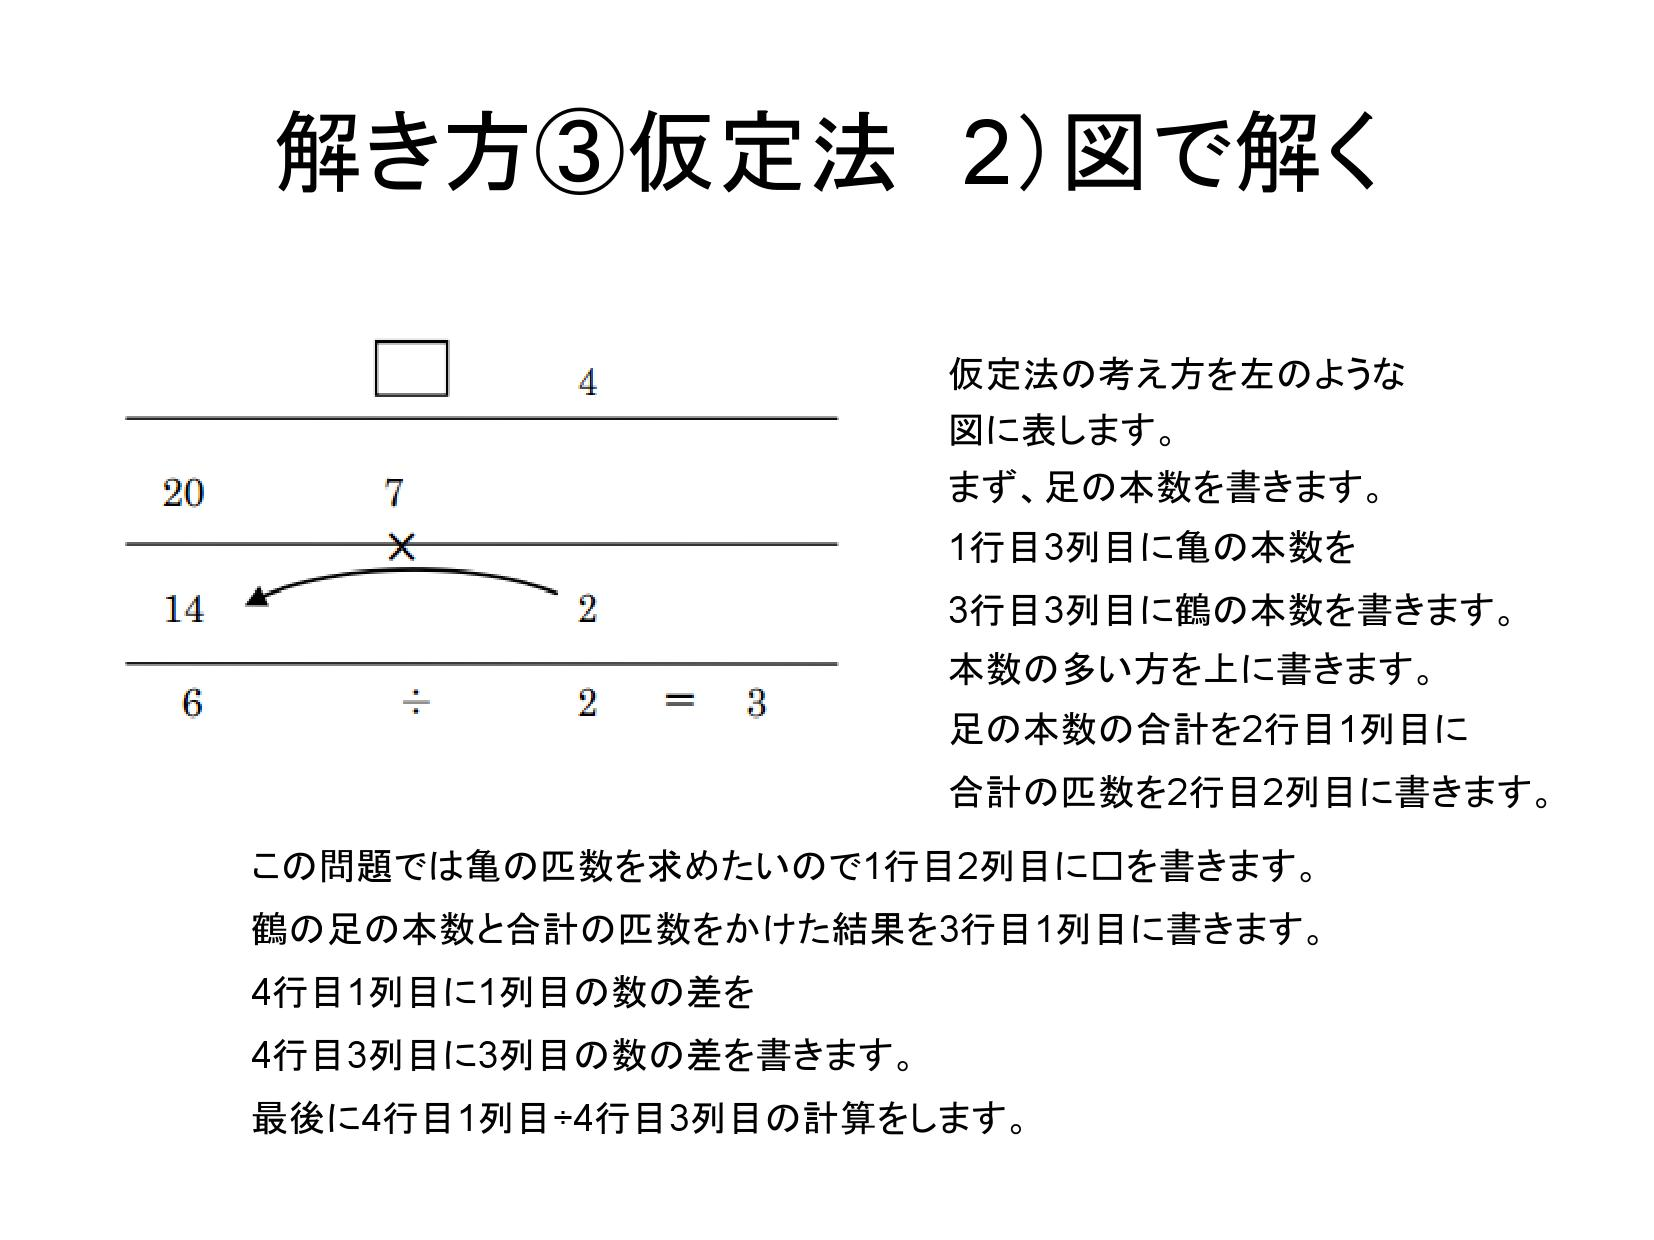 仮定法の考え方を左のような 図に表します。 まず、足の本数を書きます。 1行目3列目に亀の本数を 3行目3列目に鶴の本数を書きます。 本数の多い方を上に書きます。 足の本数の合計を2行目1列目に 合計の匹数を2行目2列目に書きます。